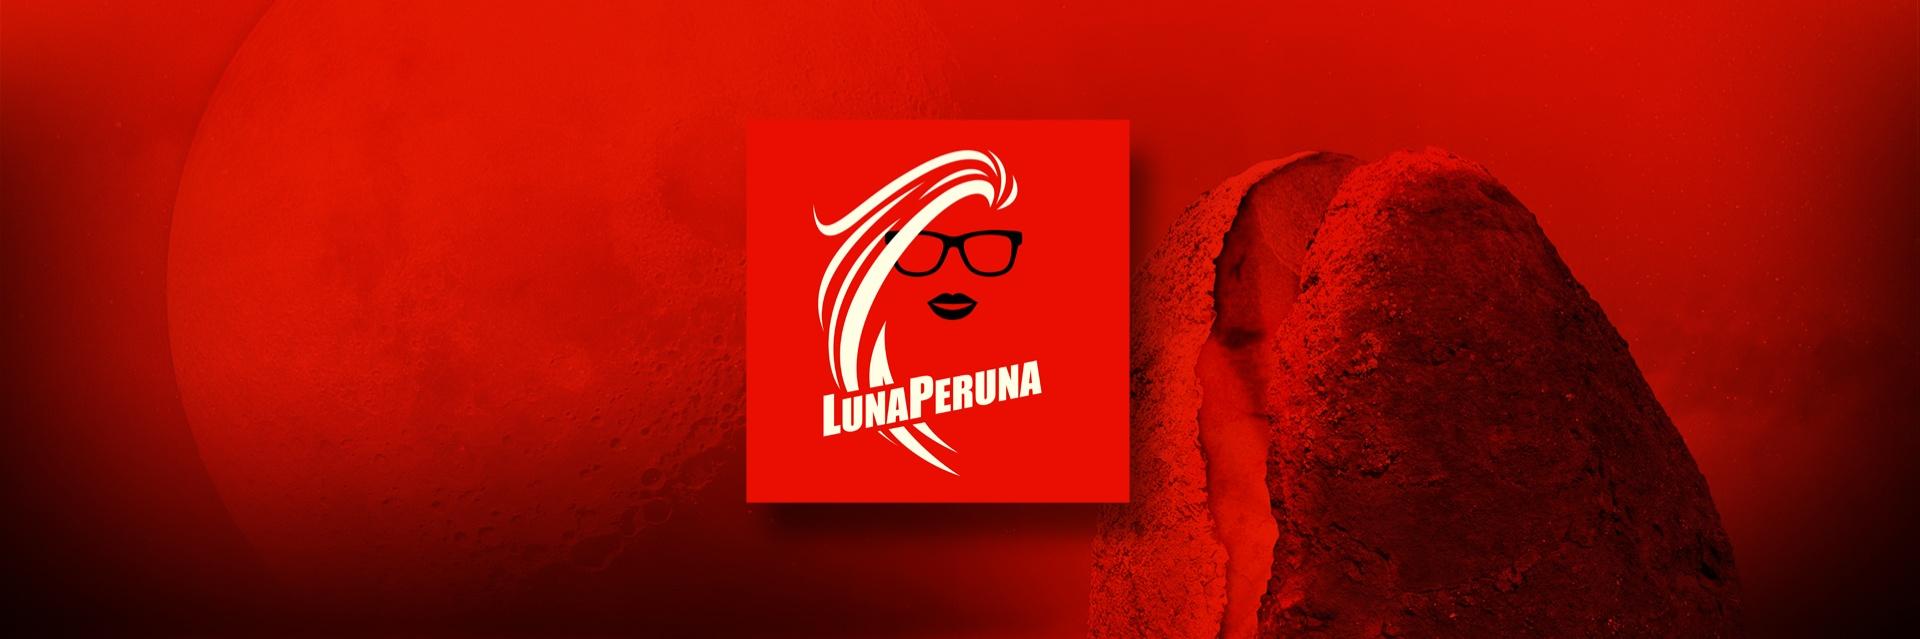 LunaPeruna Official Merchshop - Community-Stuff rund um die verrückte Mondkartoffel und ihre spaßigen Twitch-Streams als auch Ihre Videos und Vlogs auf ihrem YouTube-Kanal.